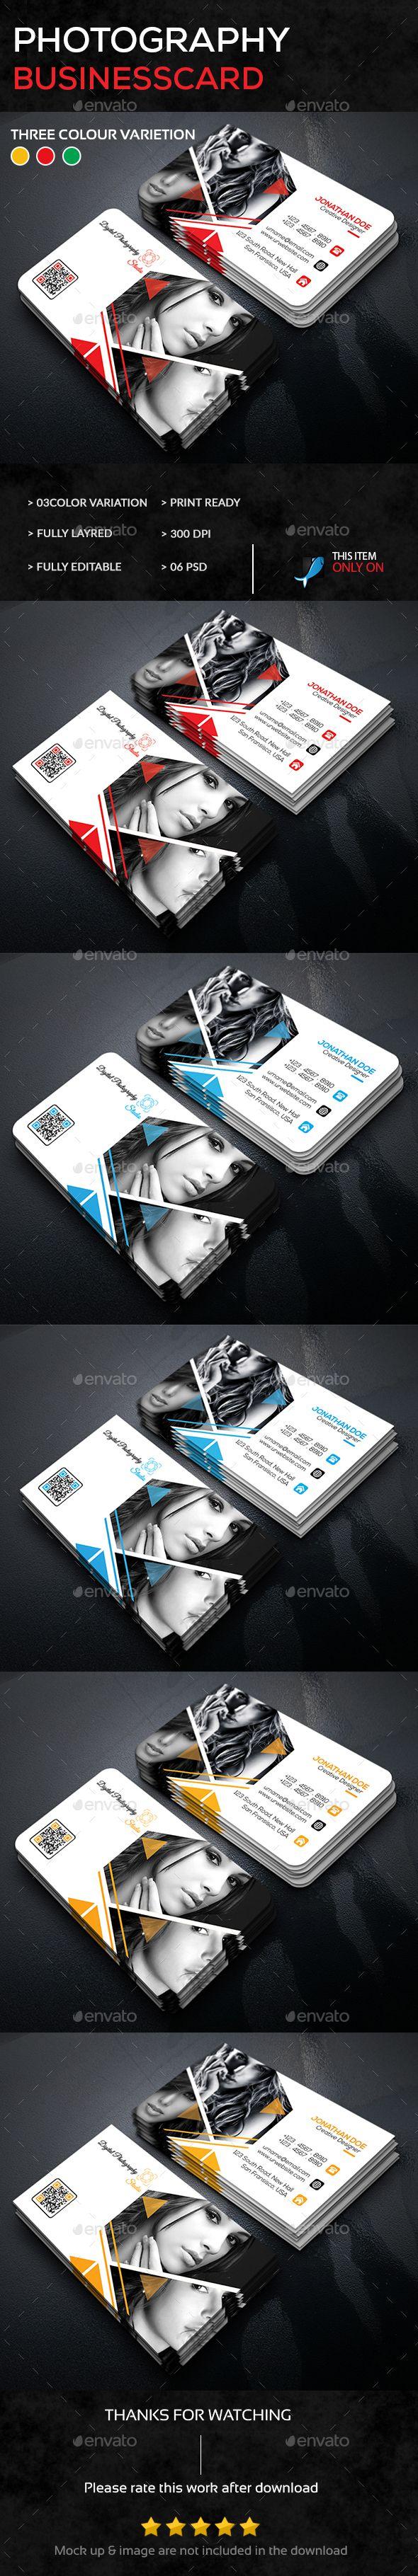 2282 Best Visit Card Cv Web Design Images On Pinterest Page